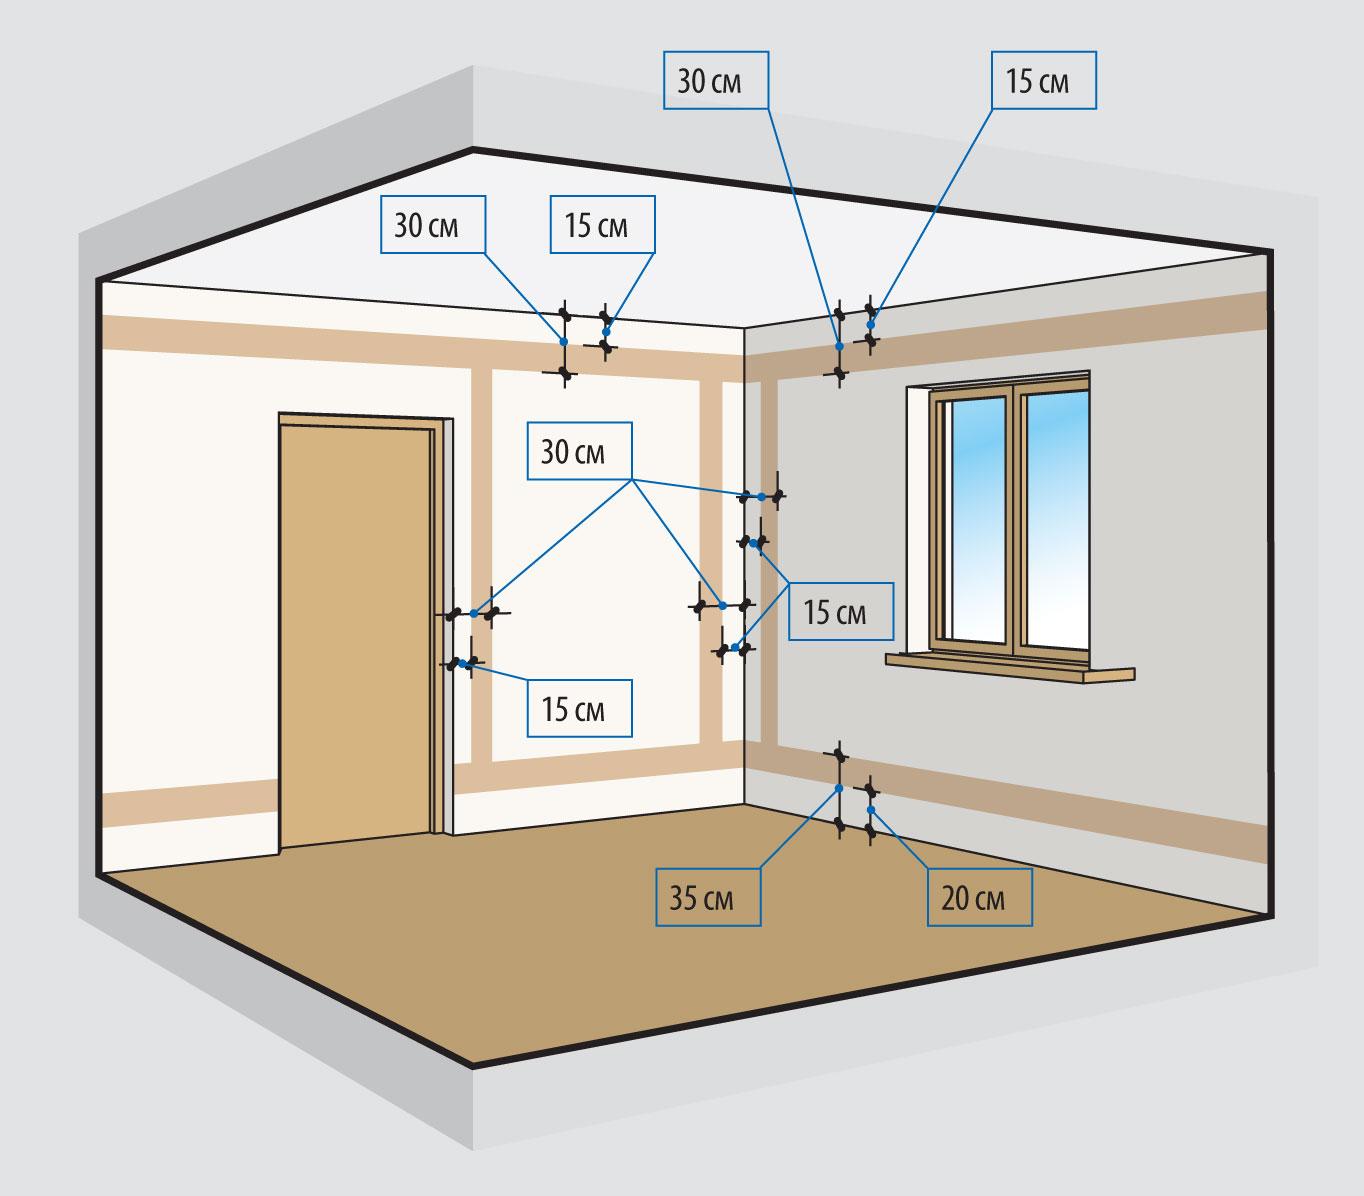 Виды и типы электропроводок (скрытая, открытая, внутренняя, уличная), их особенности, требования к проводке в частном доме и квартире